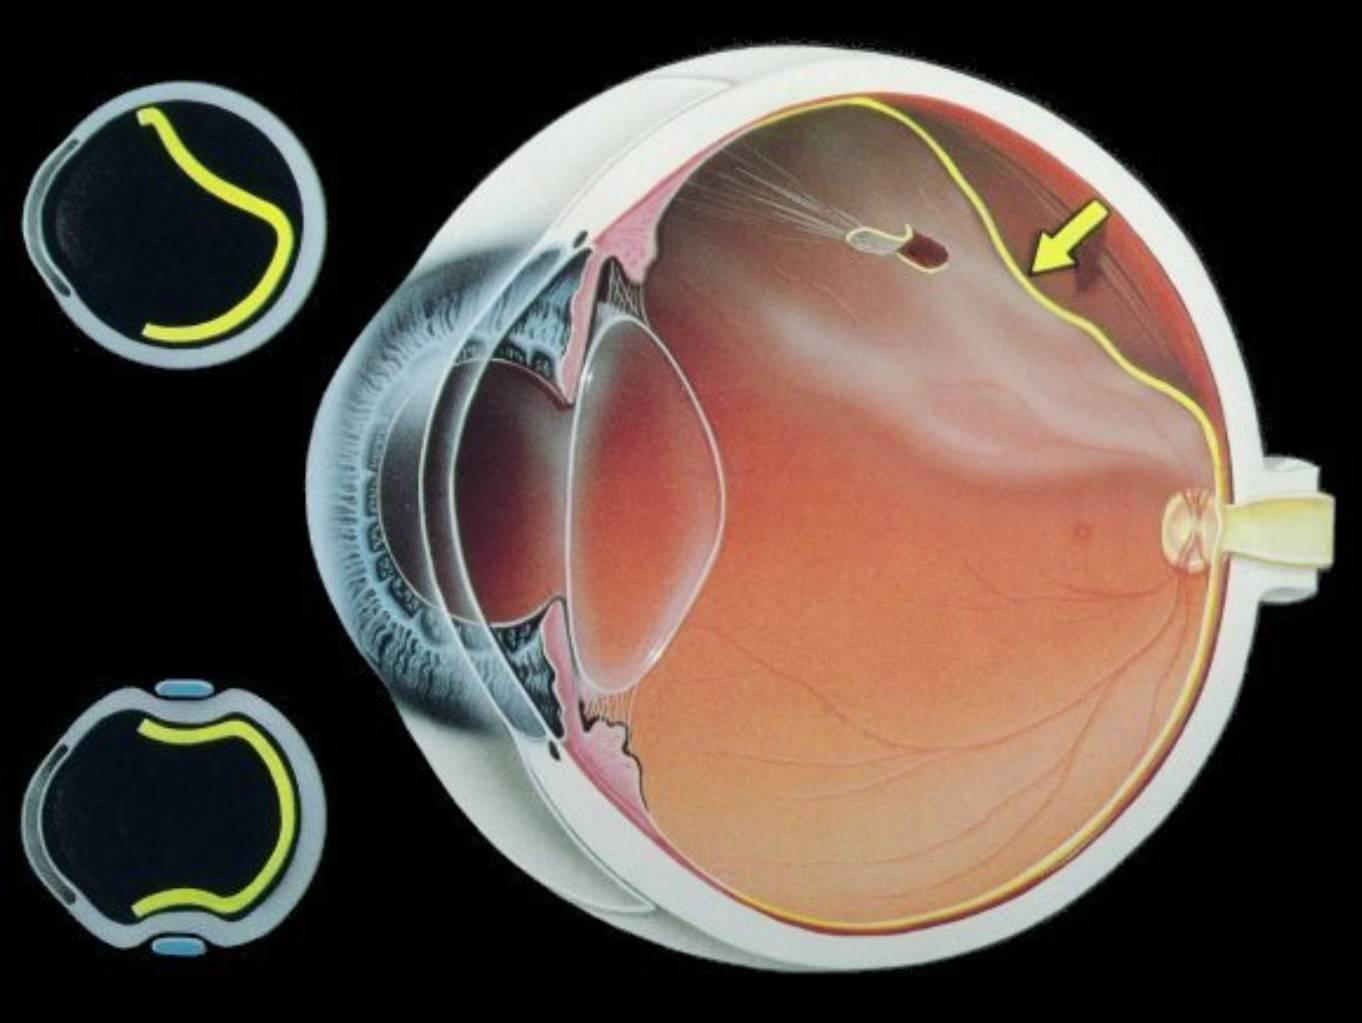 Признаки отслоения сетчатки глаза на фото, причины, последствия и лечение